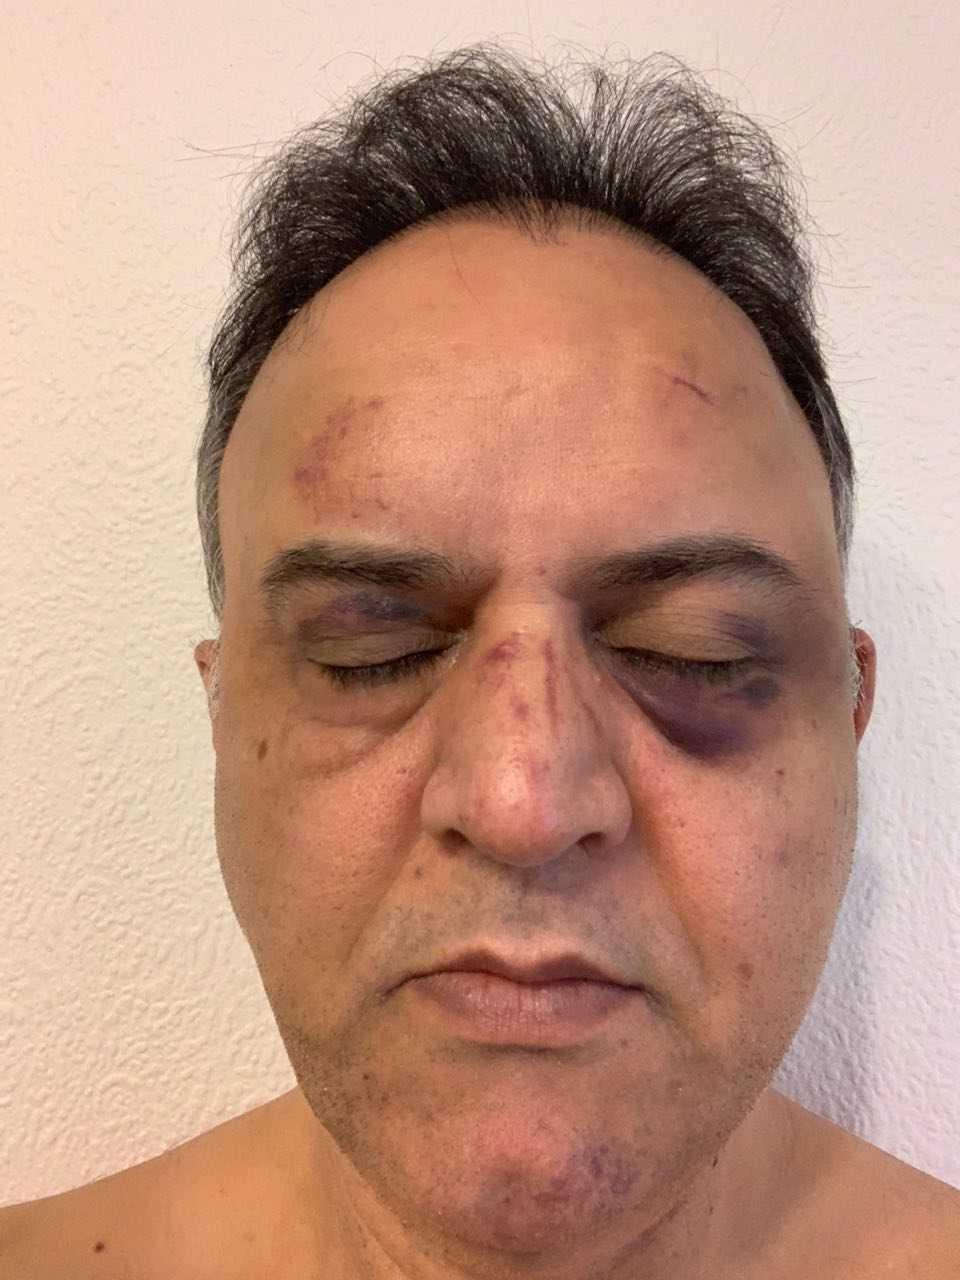 Behnam Shiravand säger att han blev misshandlad av väktare på sjukhuset när han var där med sin mamma.